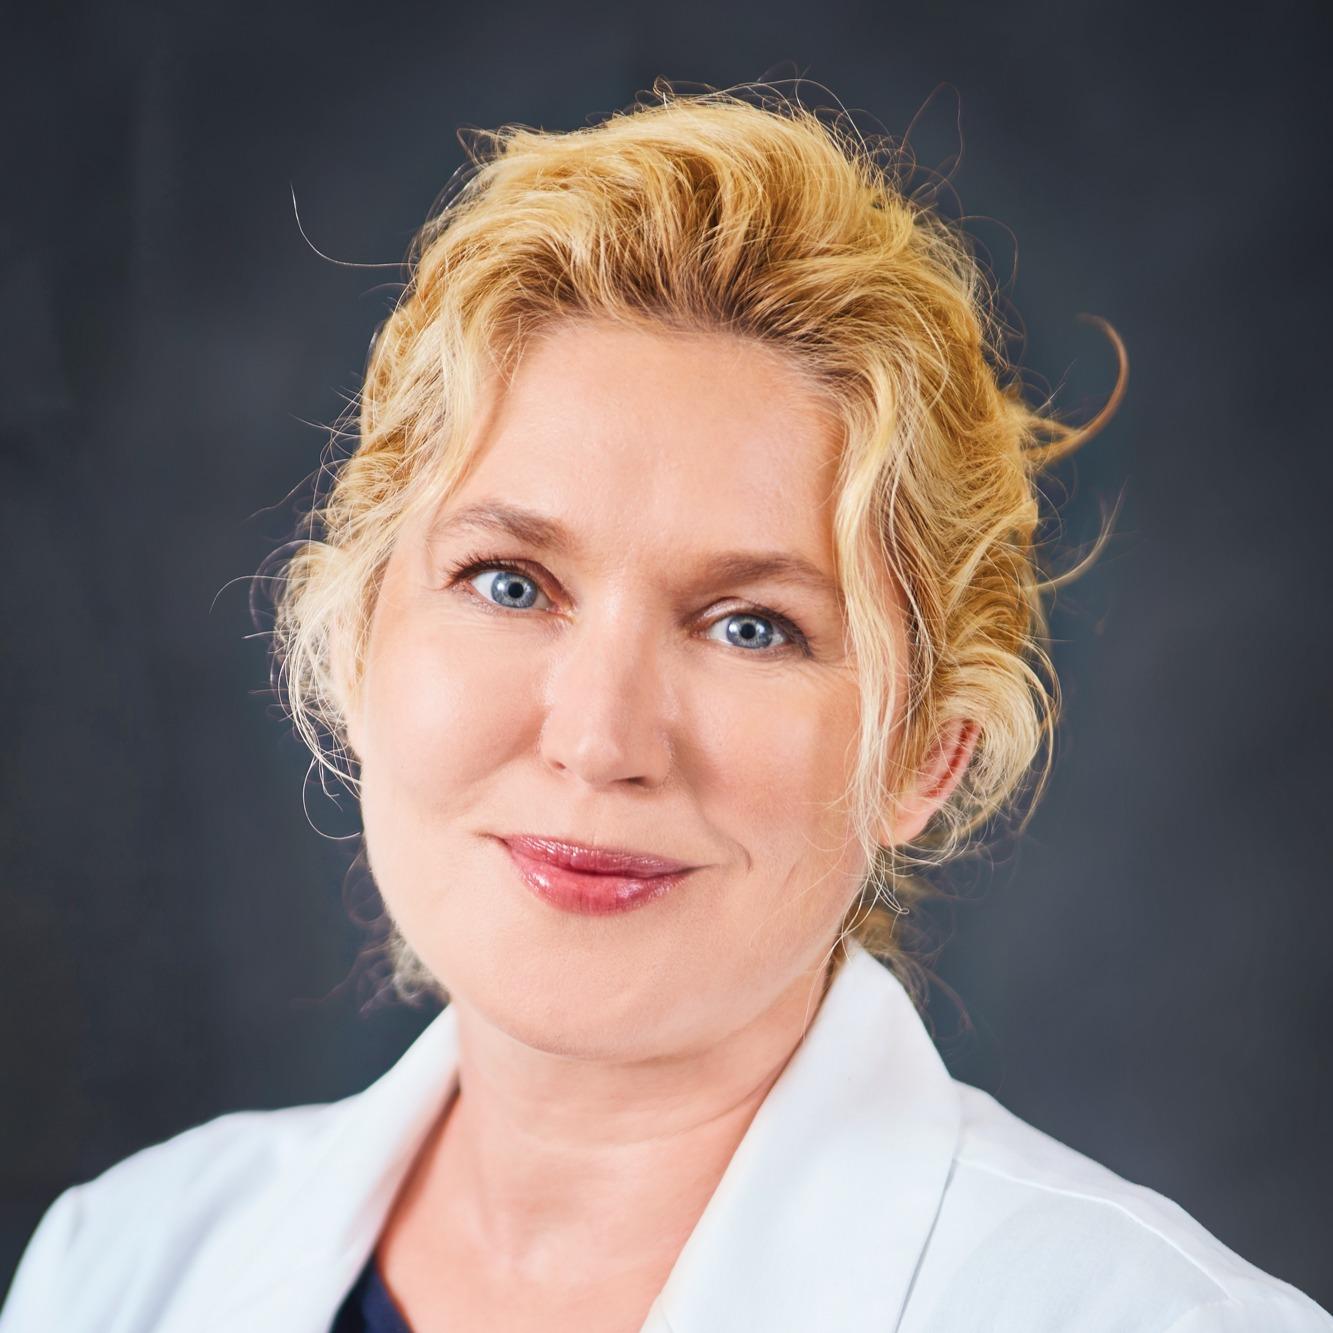 Kate Sedlaczek